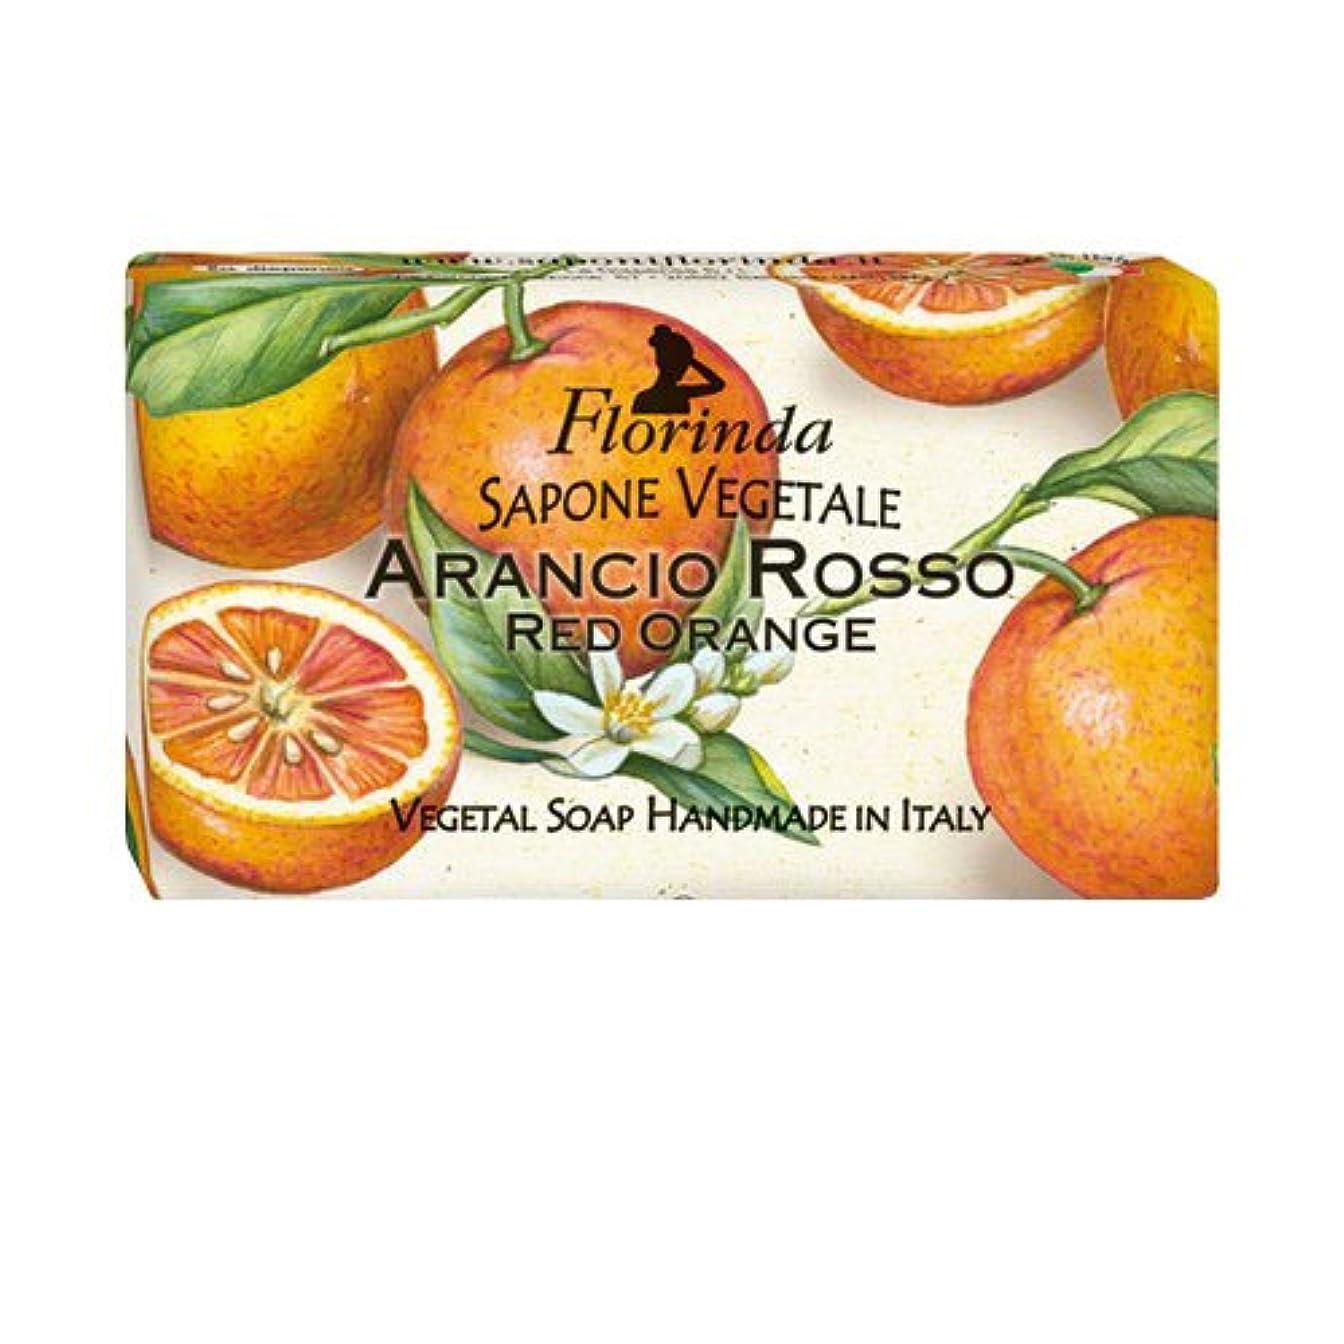 鮮やかなハンディクスコフロリンダ フレグランスソープ フルーツ レッドオレンジ 95g